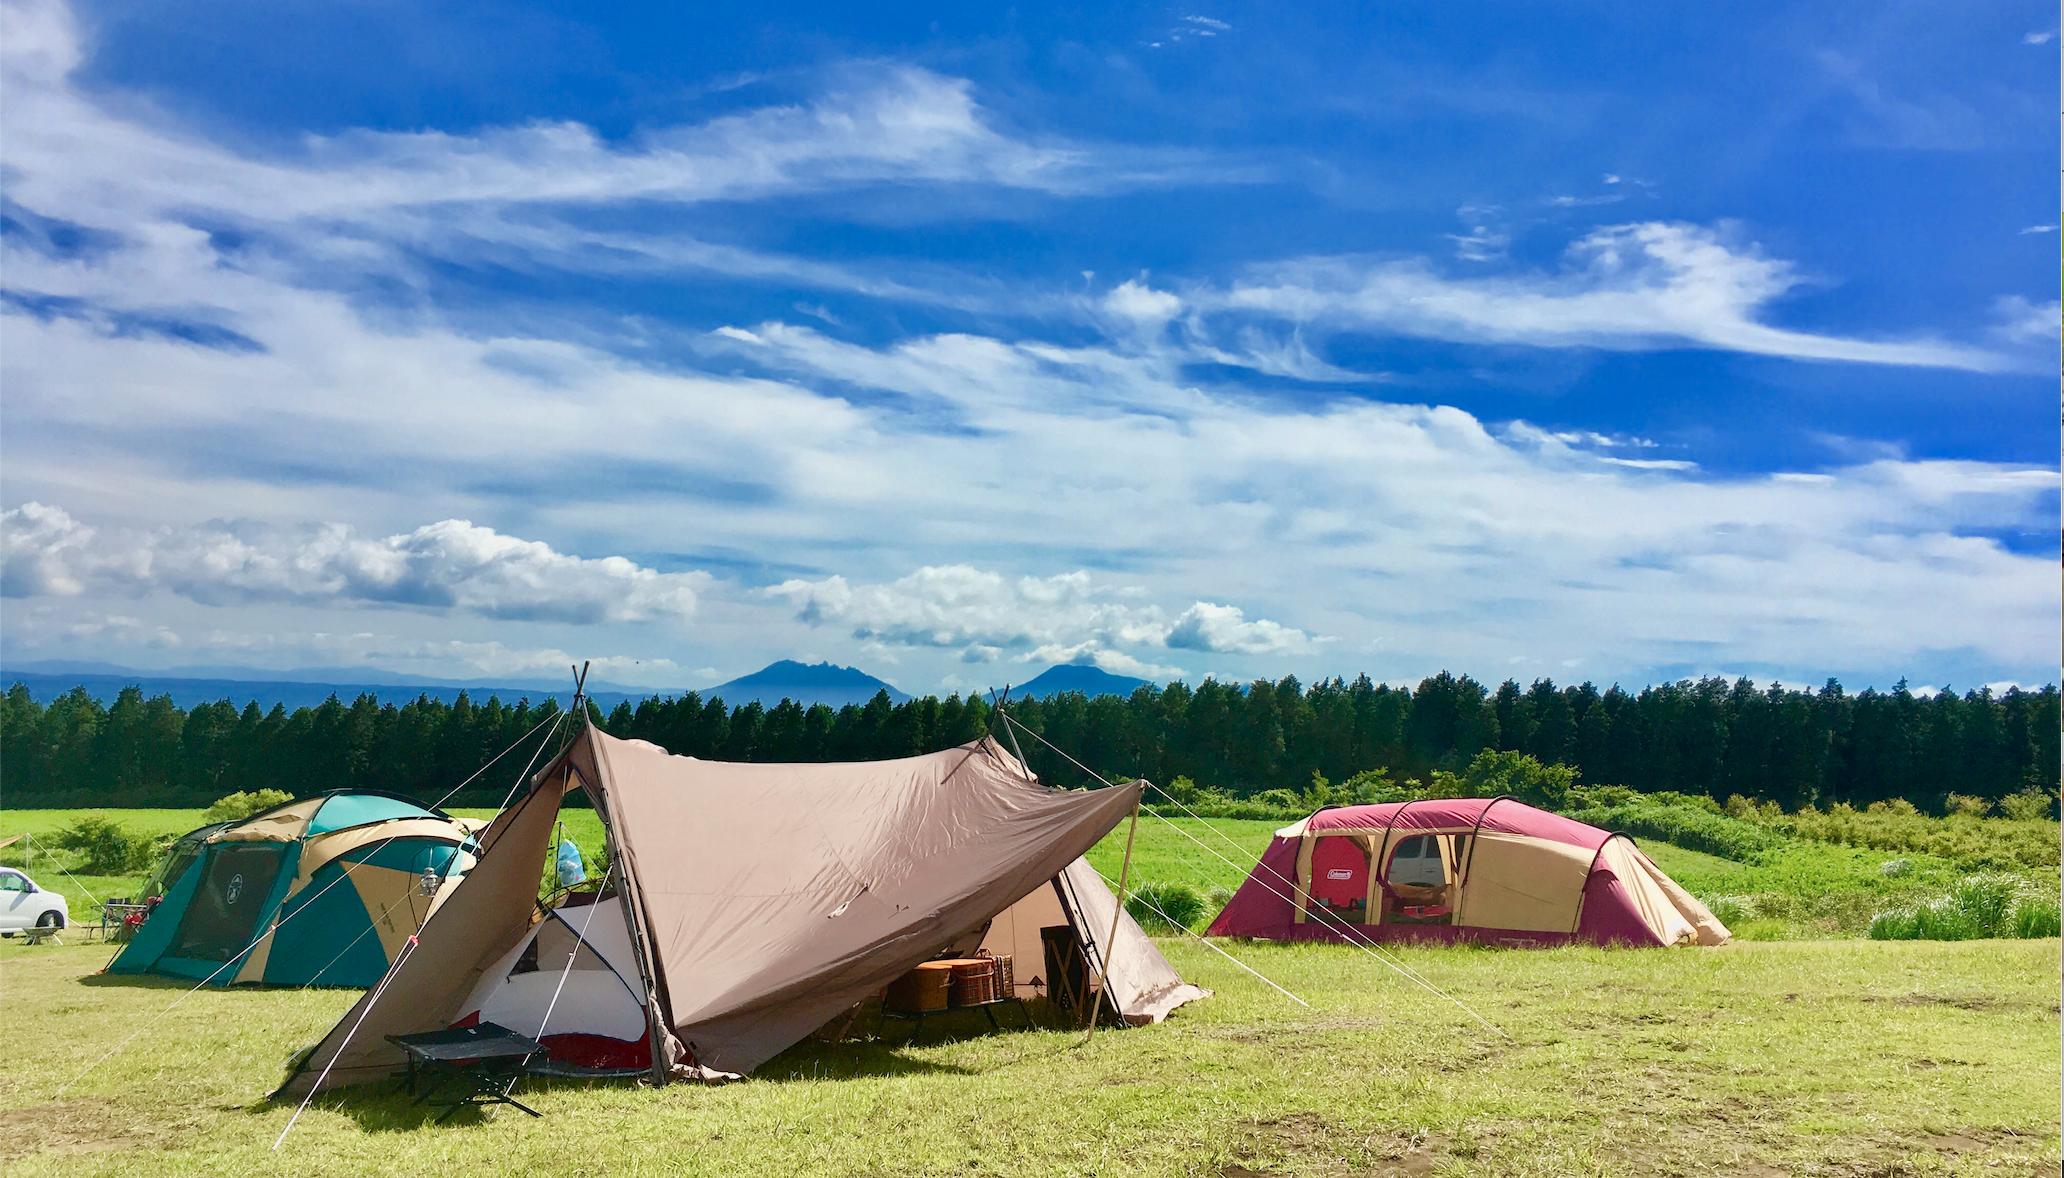 デカトロン(DECHATHLON)のキャンプ用品がオススメ!オンラインも便利!